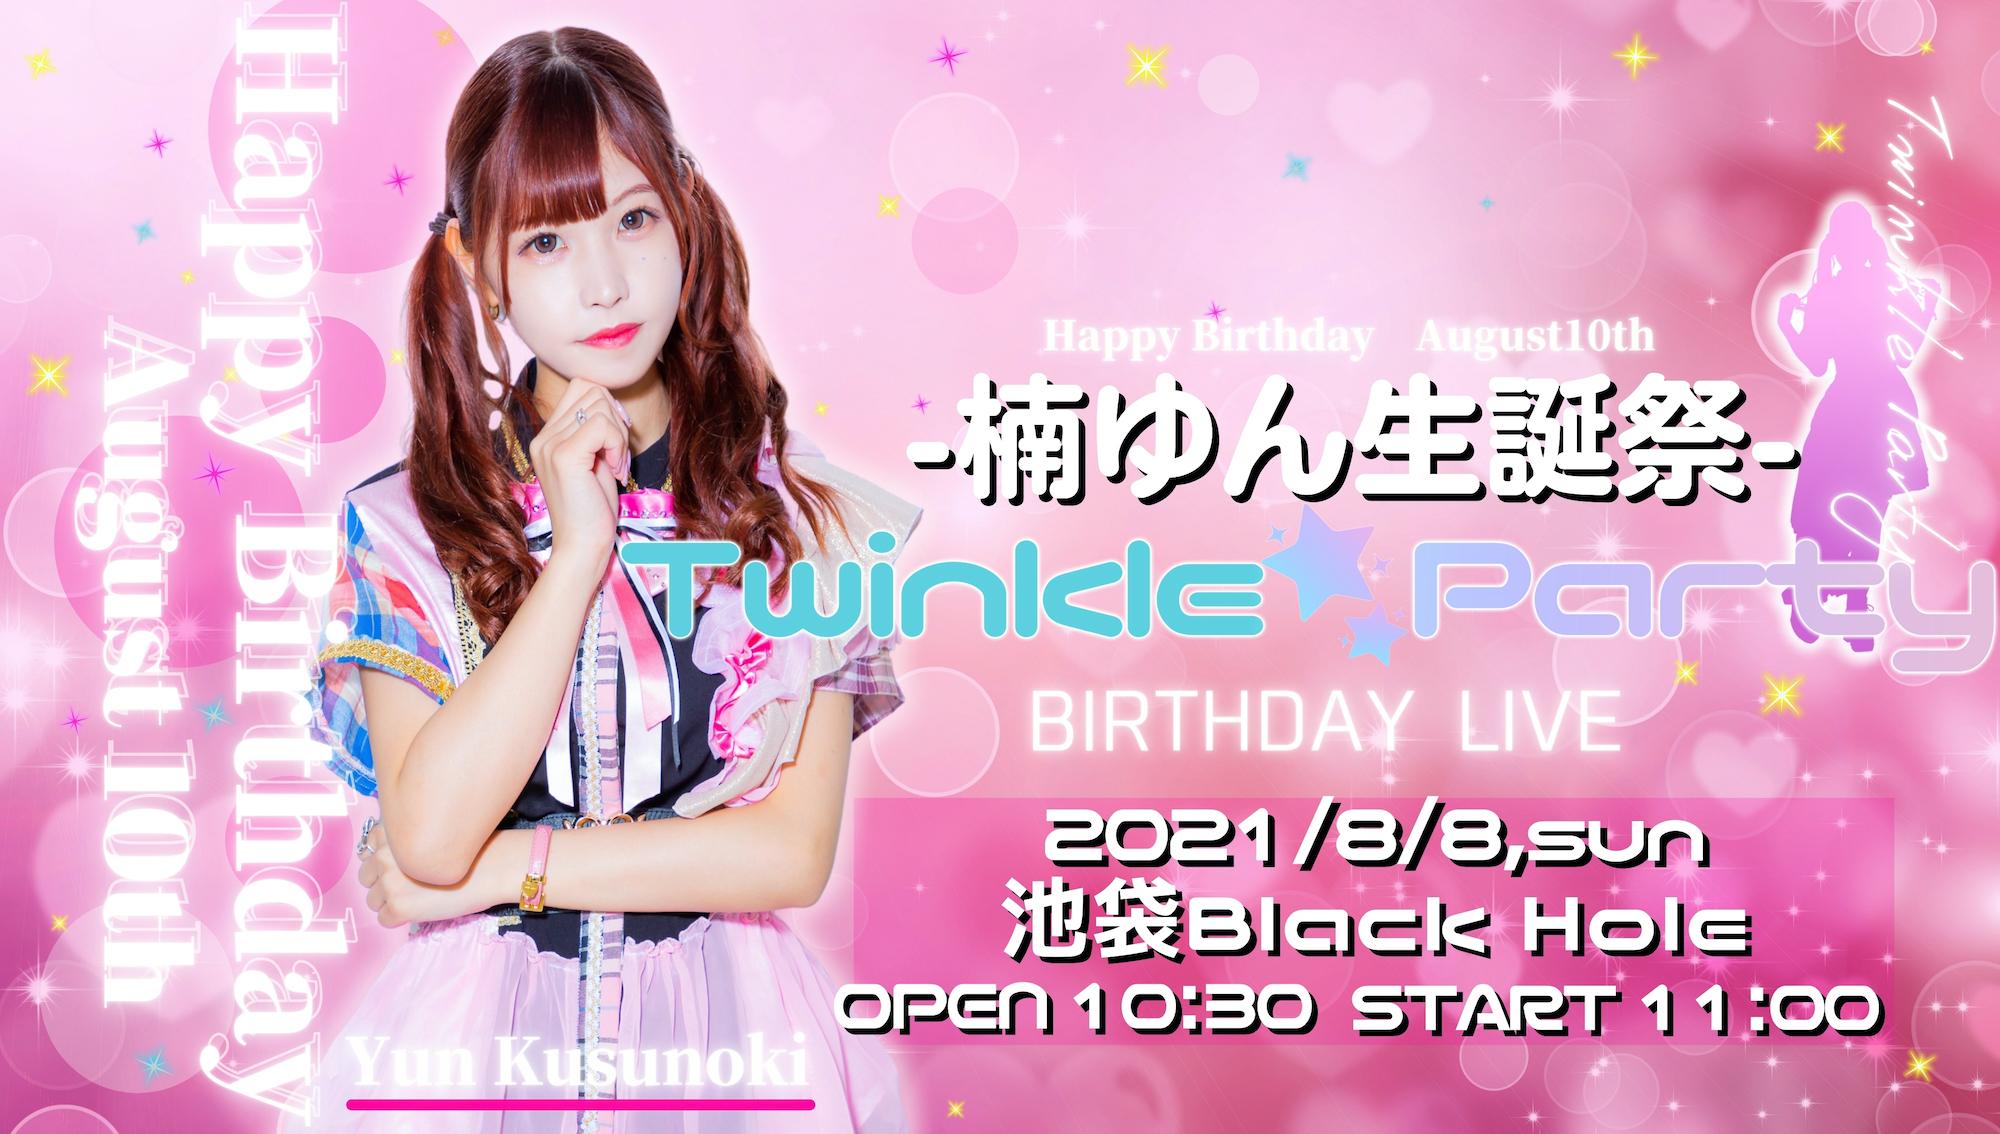 【2021年8月8日(日)楠ゆん生誕祭 -Twinkle☆ Party-イベント開催情報】